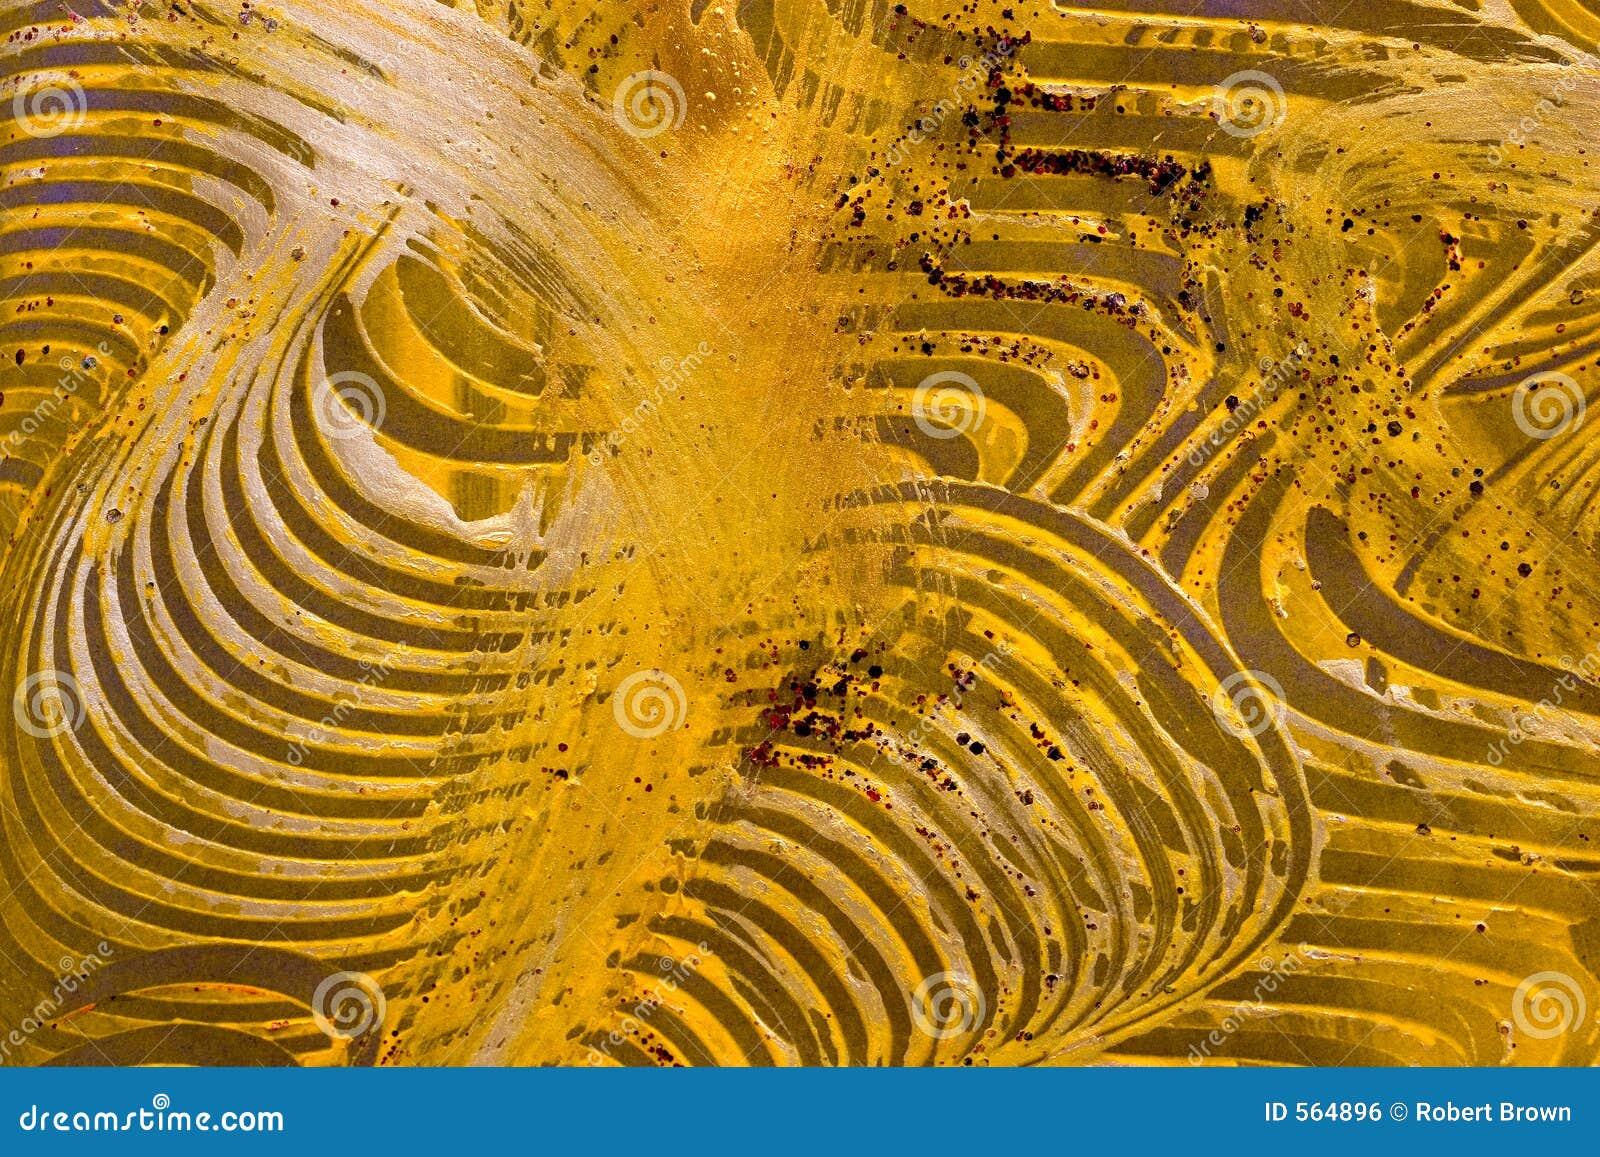 συρραφή Πράσινης Βίβλου swril κίτρινη